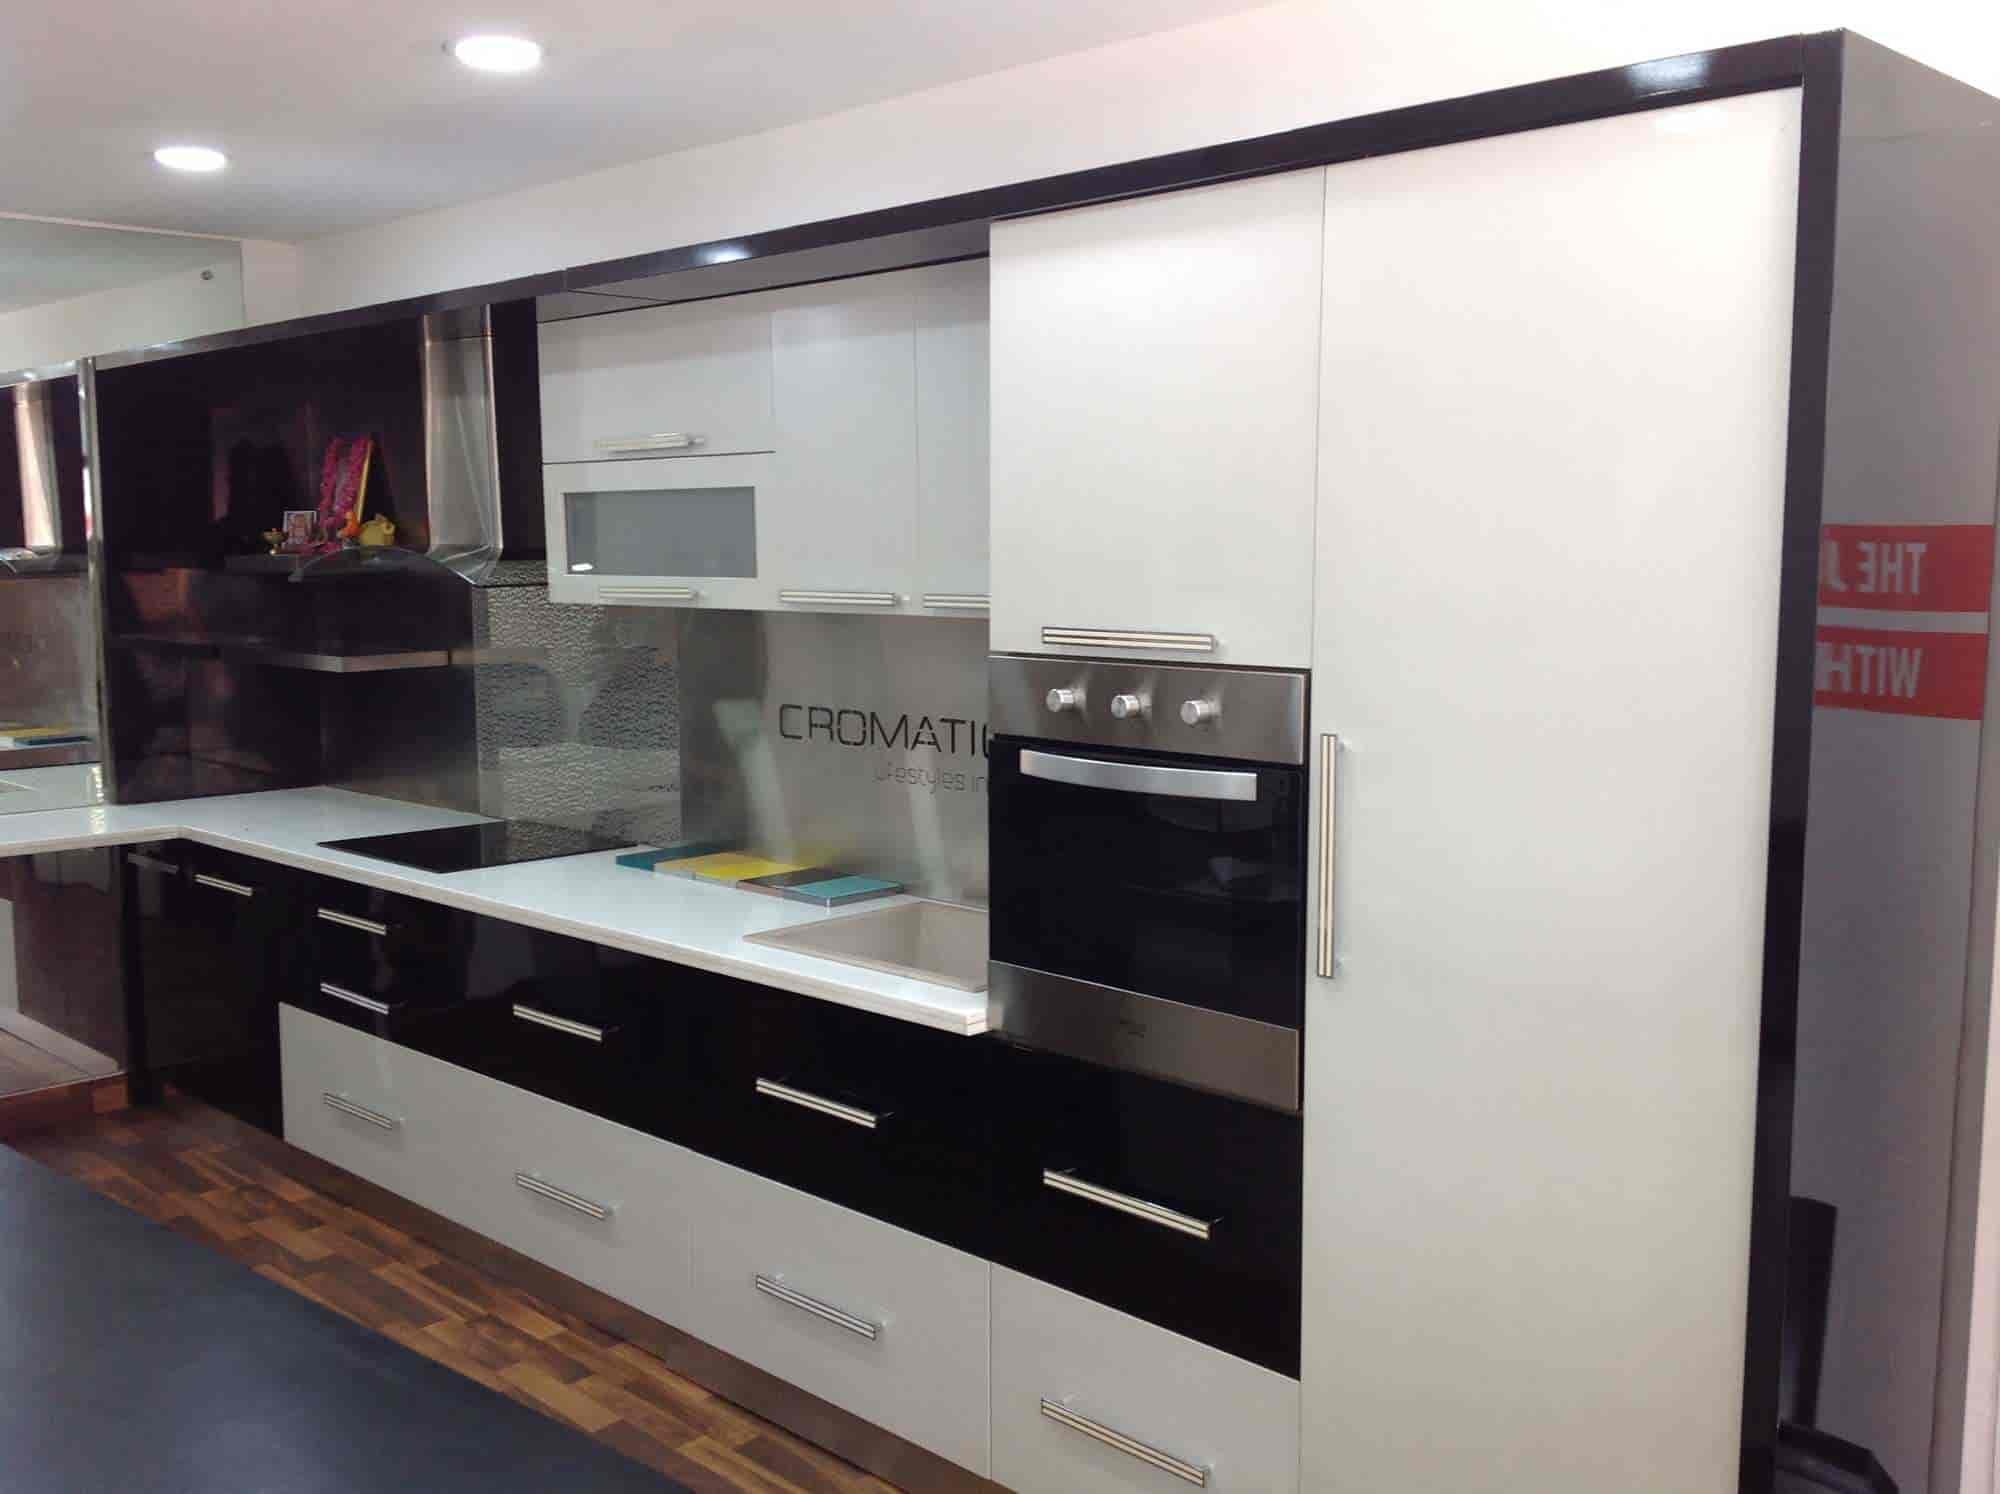 Top 5 Modular Kitchen Dealers in Bc Road - Best Modular Kitchen